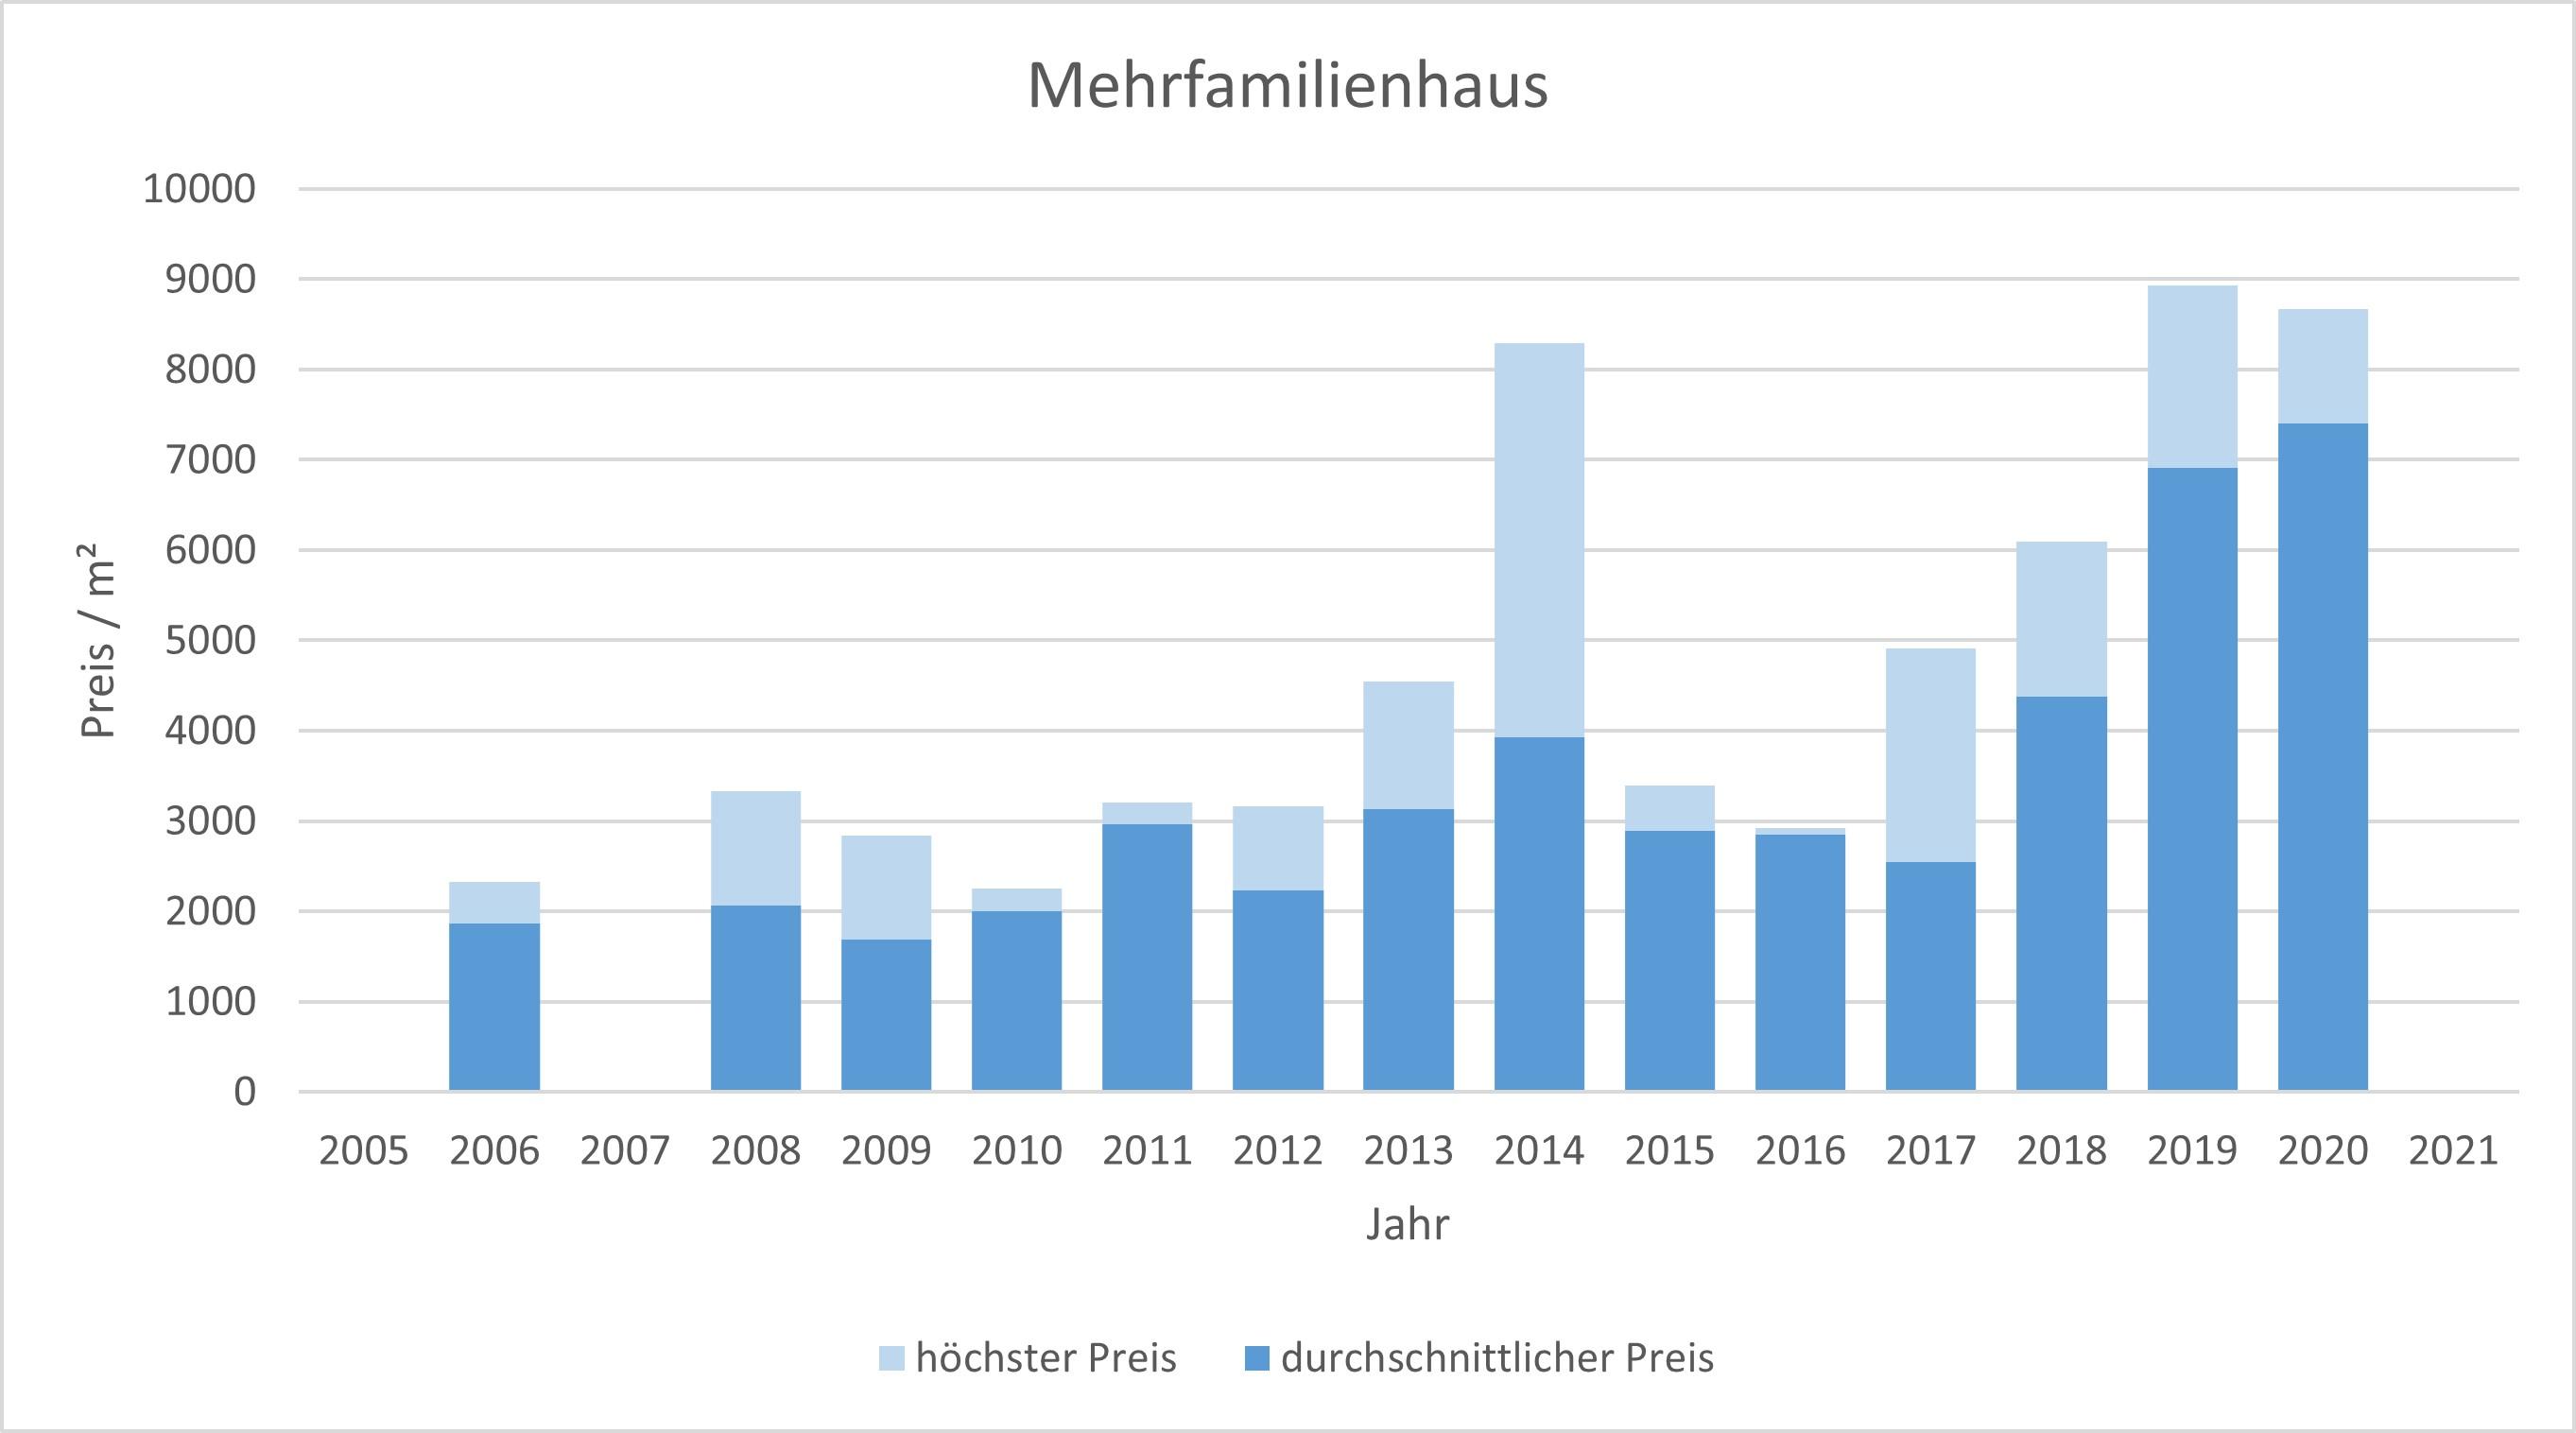 Ebergsberg Mehrfamilienhaus kaufen verkaufen 2019 2020 2021 Preis Bewertung Makler www.happy-immo.de